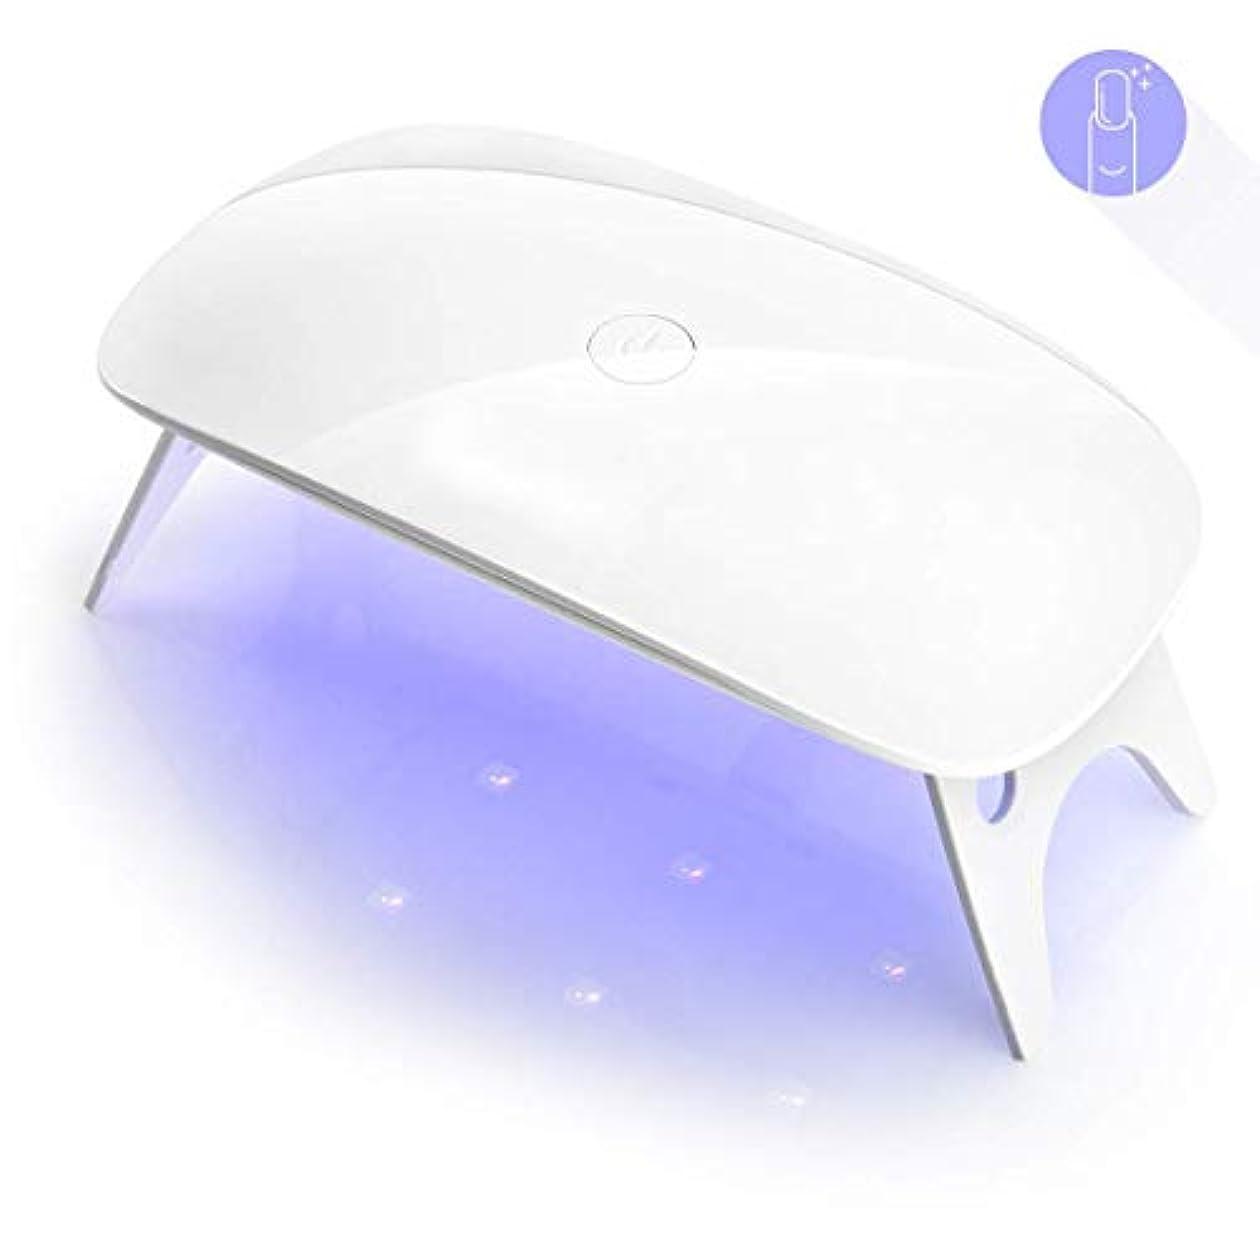 路地マルクス主義わずかにZMiw LEDネイルドライヤー UVライト タイマー設定可能 折りたたみ式手足とも使える 人感センサー式 LED 硬化ライト UV と LEDダブルライト ジェルネイル用 ホワイト (white)